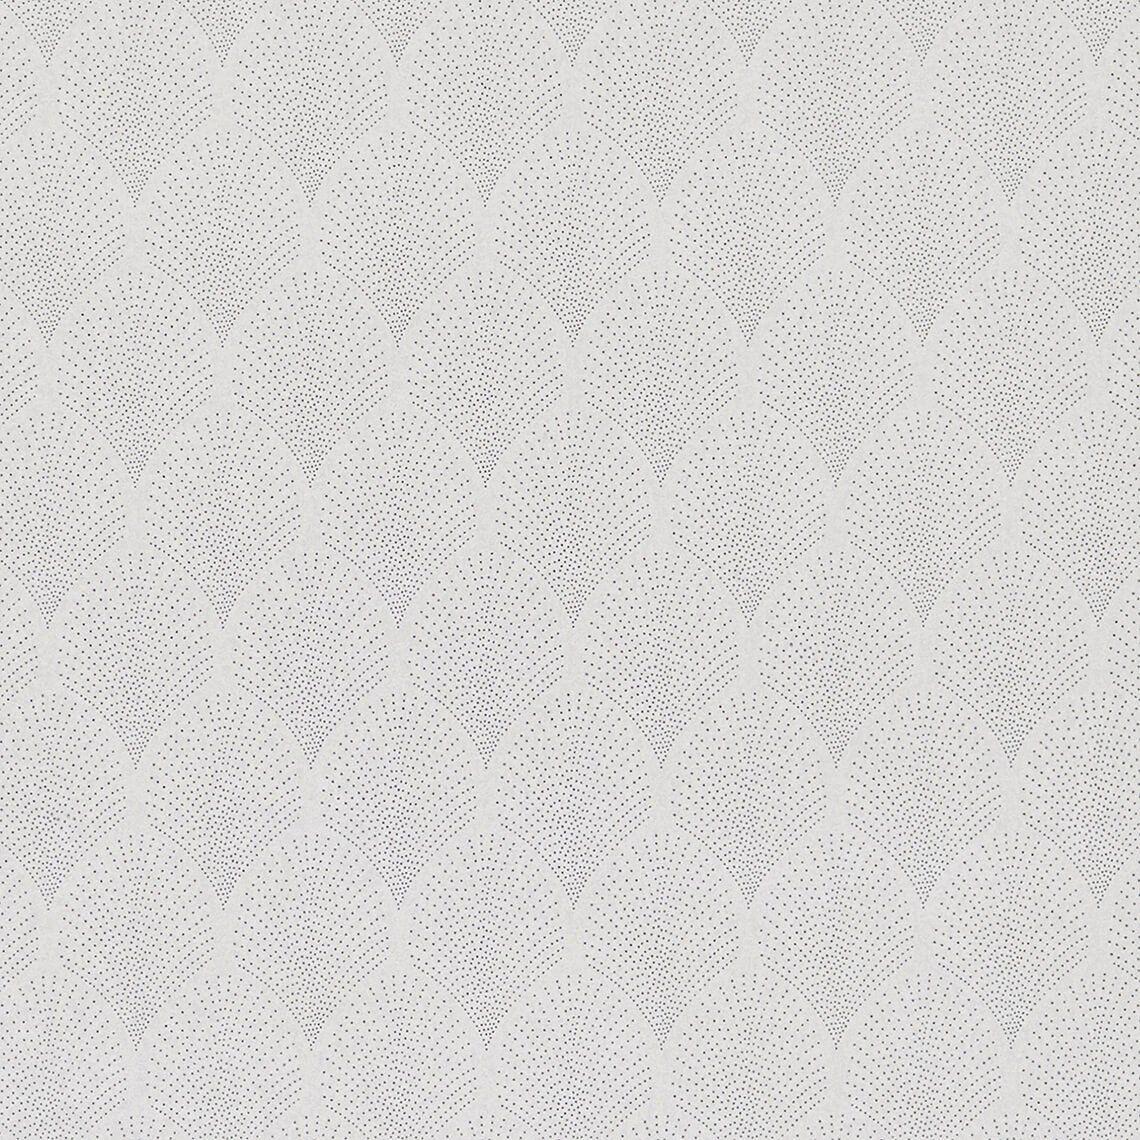 Papier peint RETROSILVER, 100% intissé graphique, gris nuage